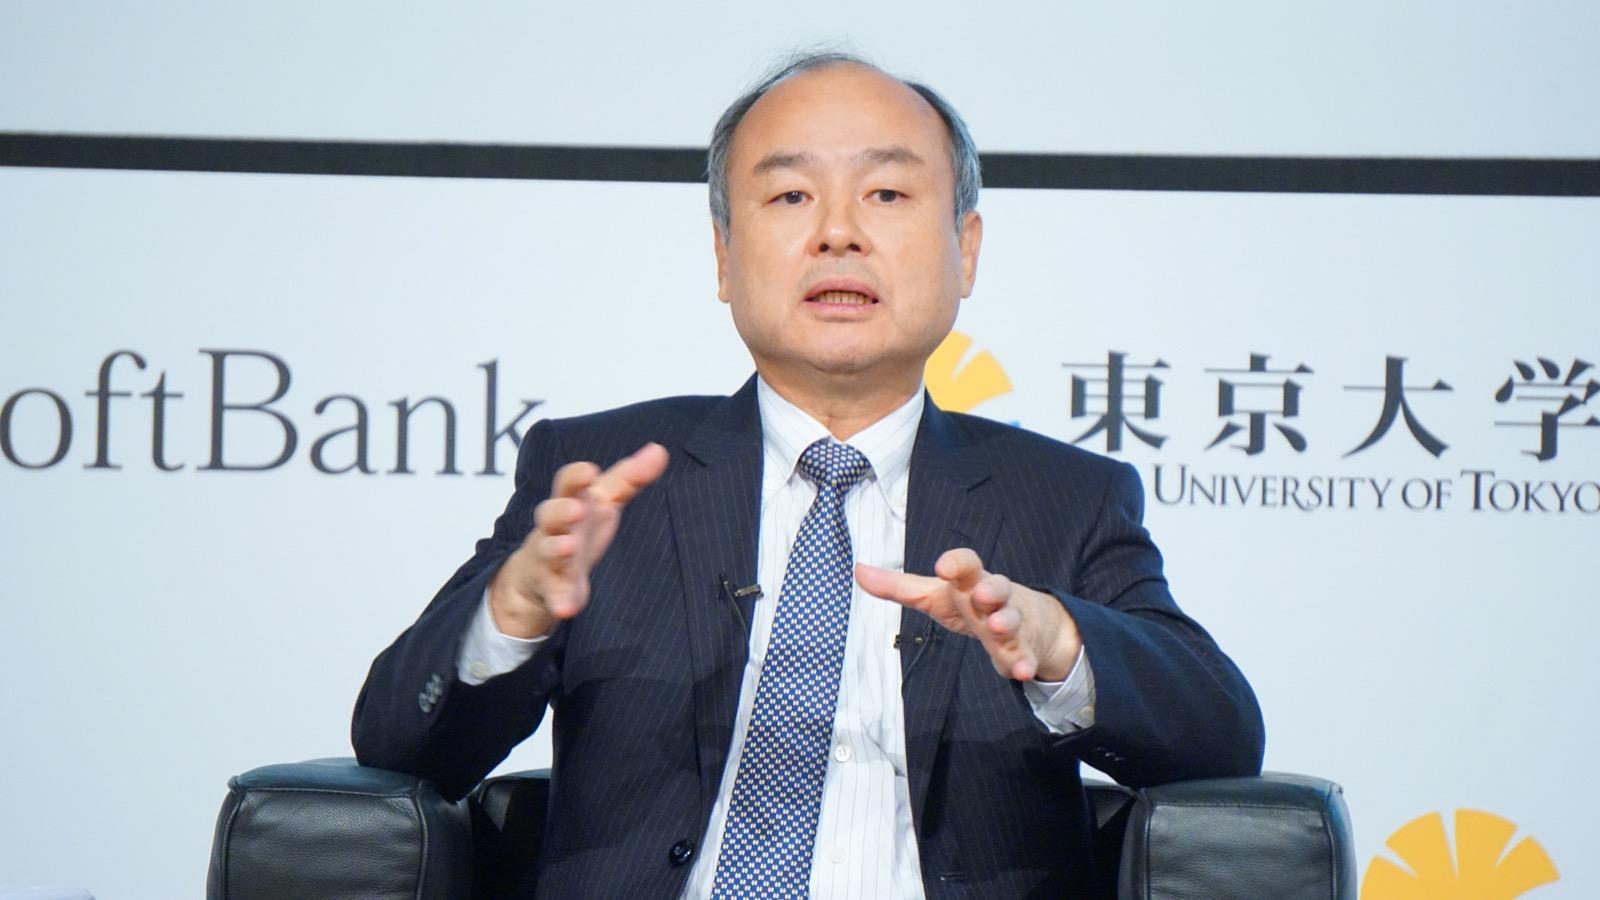 ソフトバンクと東京大学、AI研究所を'20年春に設立。最先端のAI研究機関へ